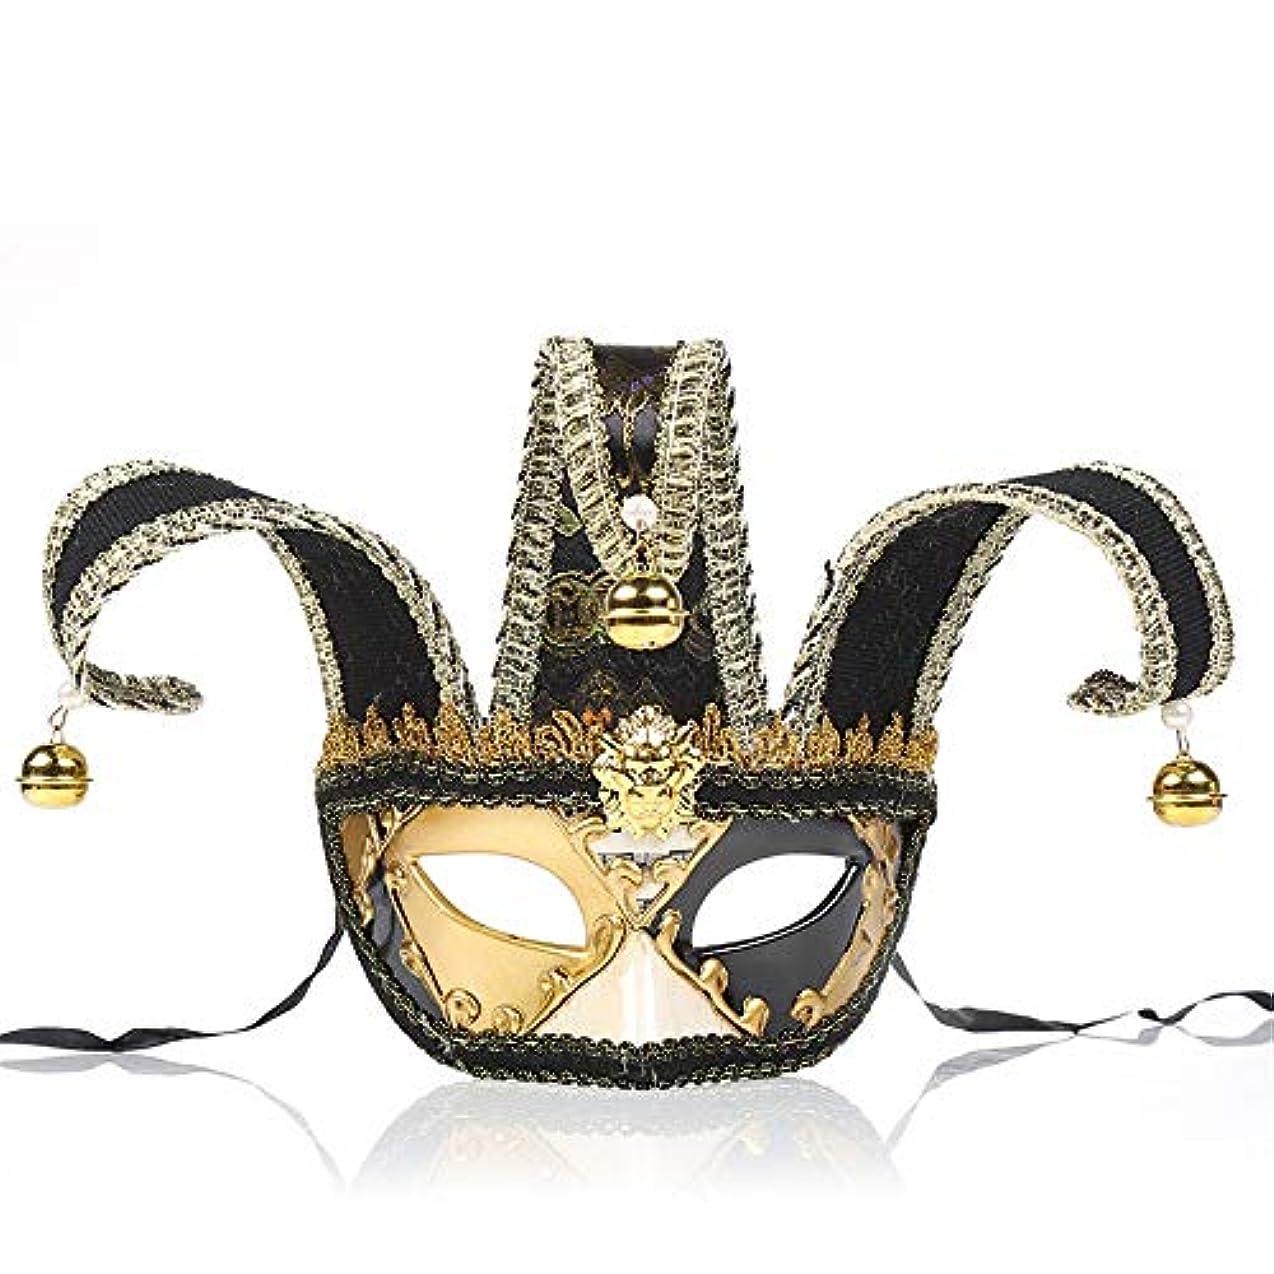 バルーンうんざり戦いダンスマスク 若者の少女ハロウィーンギフトレトロマスクホット販売マスカレードロールプレイング装飾 ホリデーパーティー用品 (色 : ブラック, サイズ : 28x16.5cm)